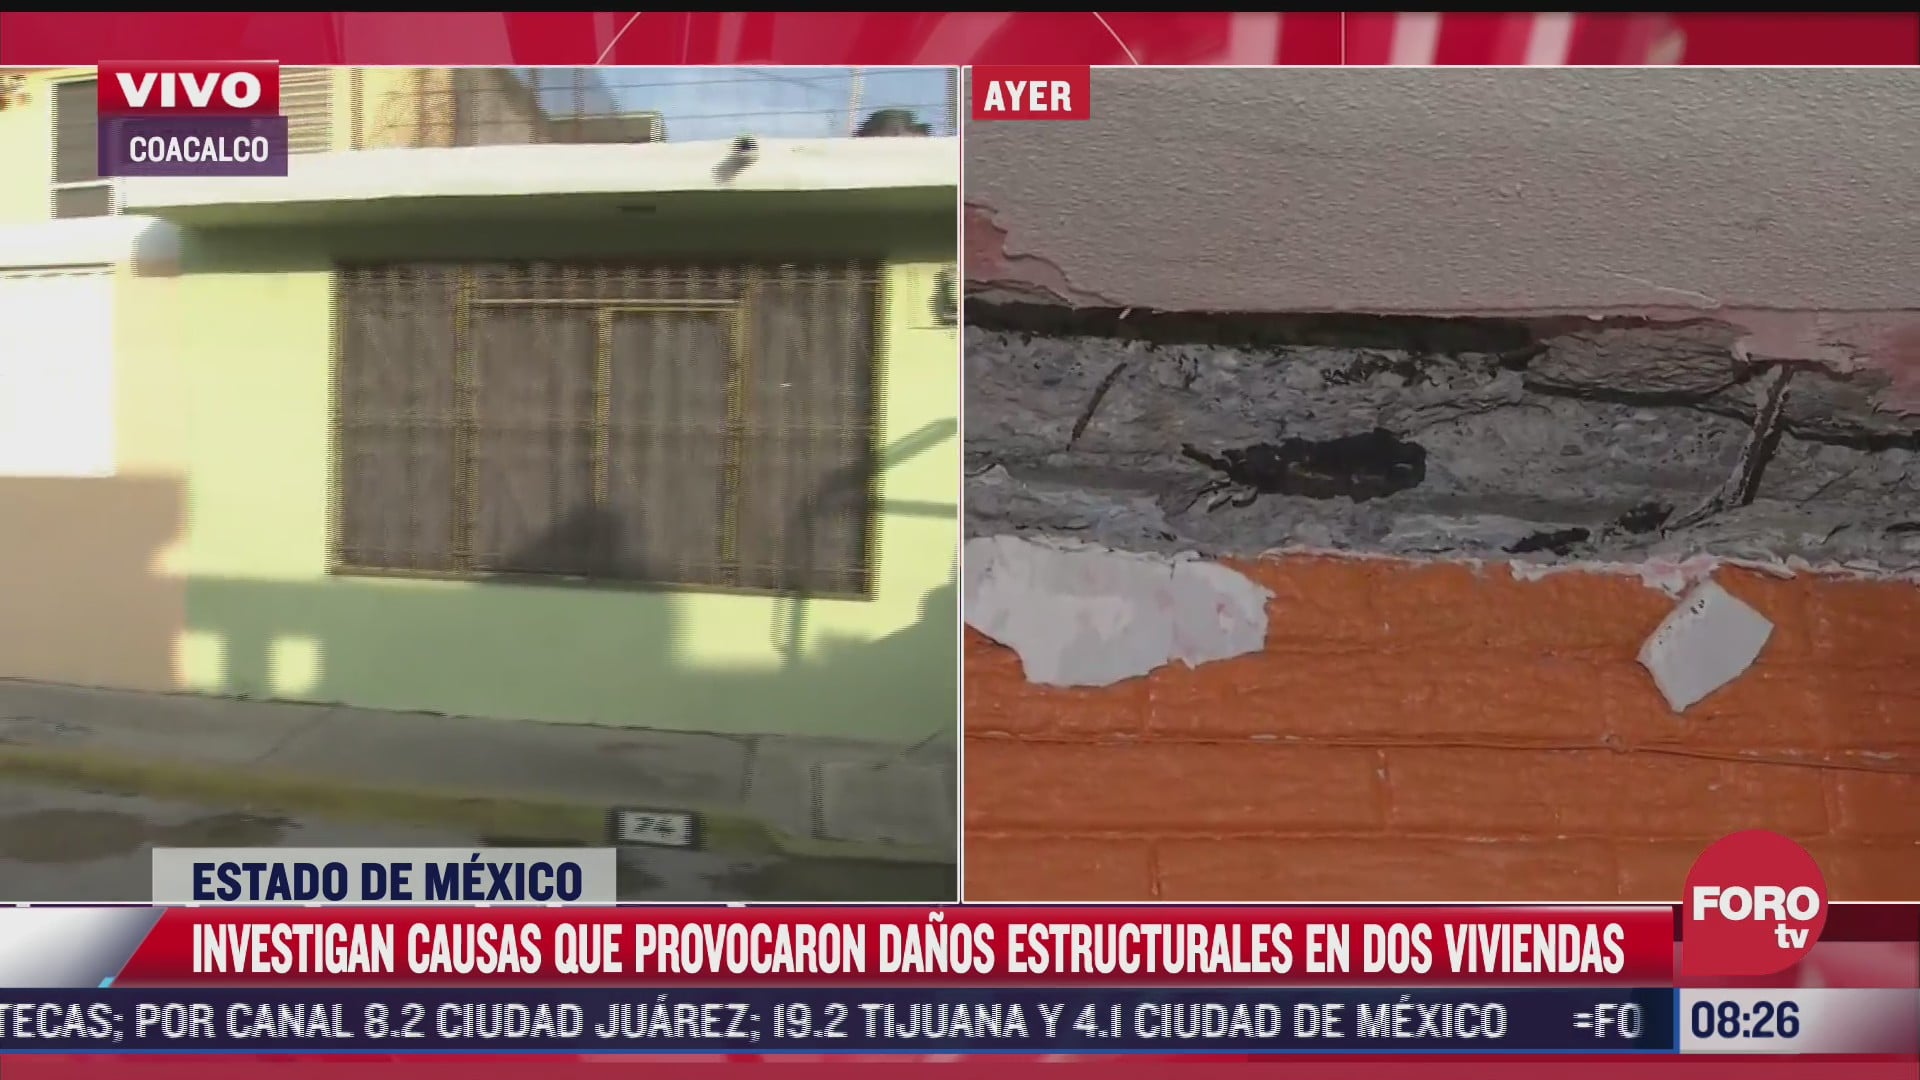 investigan causas que provocaron danos estructurales a viviendas en coacalco edomex